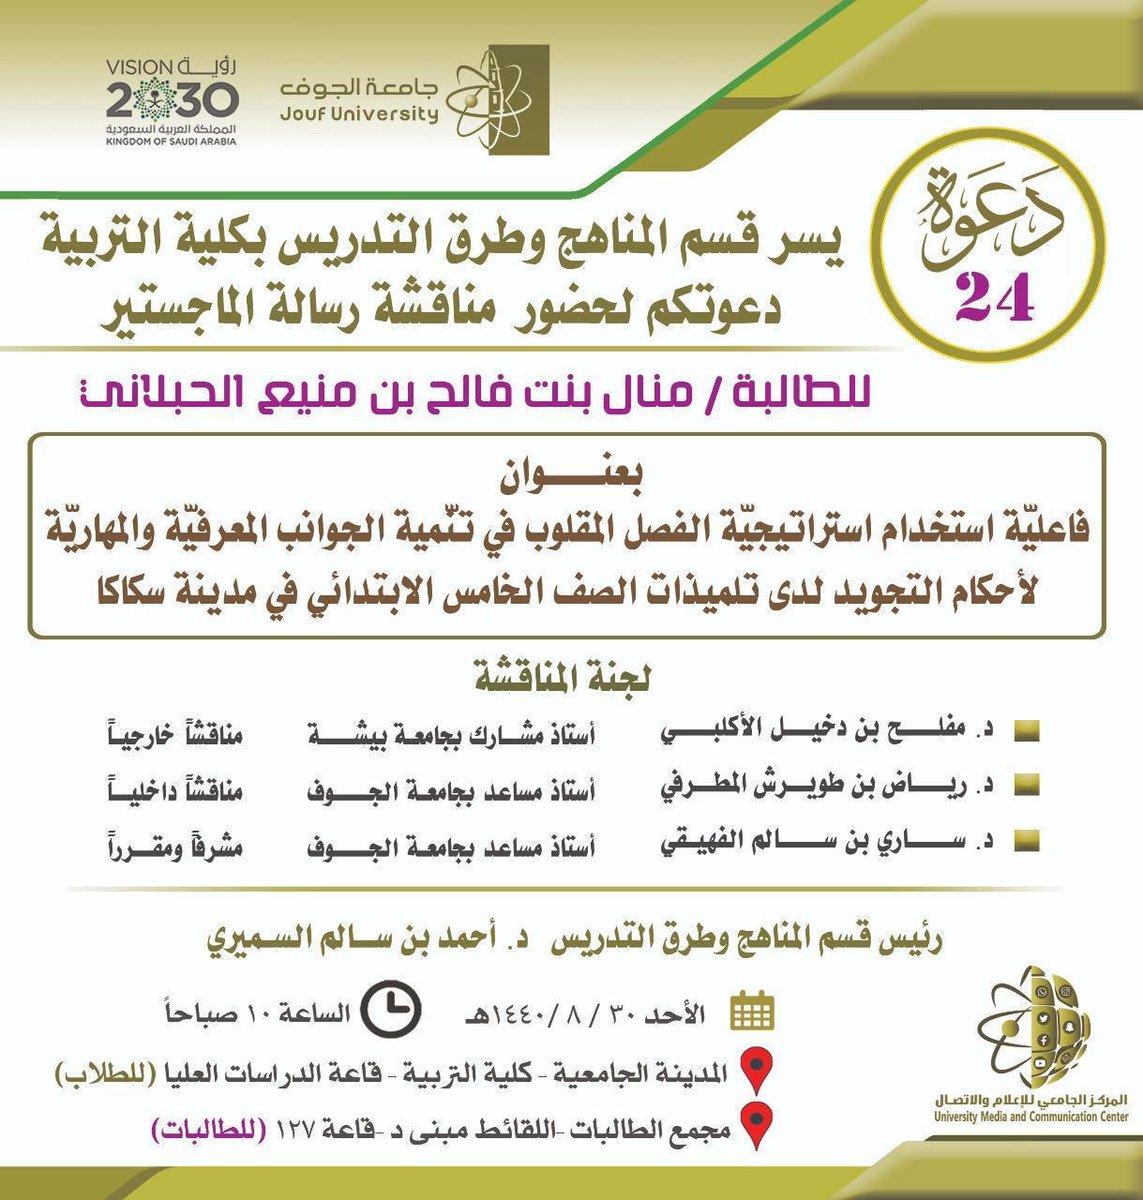 8f2660d92 إدارة تعليم الجوف, الإعلام التربوي بالجوف, د. جميلة كساب الشايع and 3 others